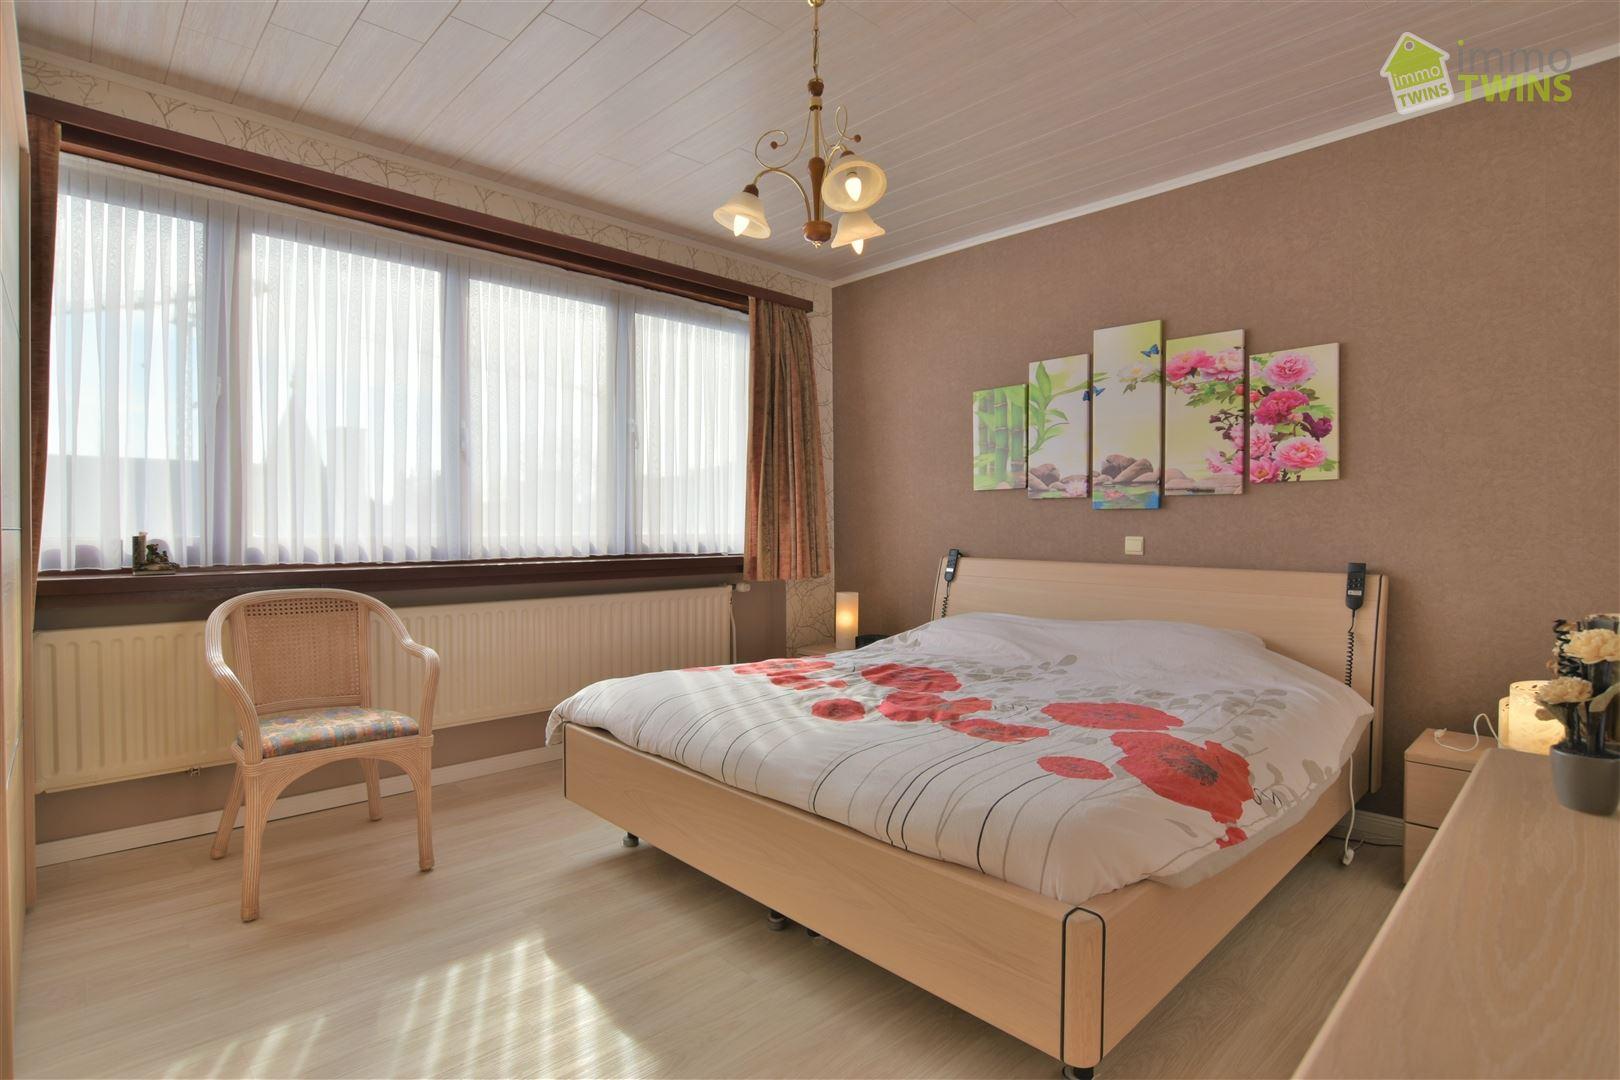 Foto 12 : Appartement te 9300 AALST (België) - Prijs € 224.000